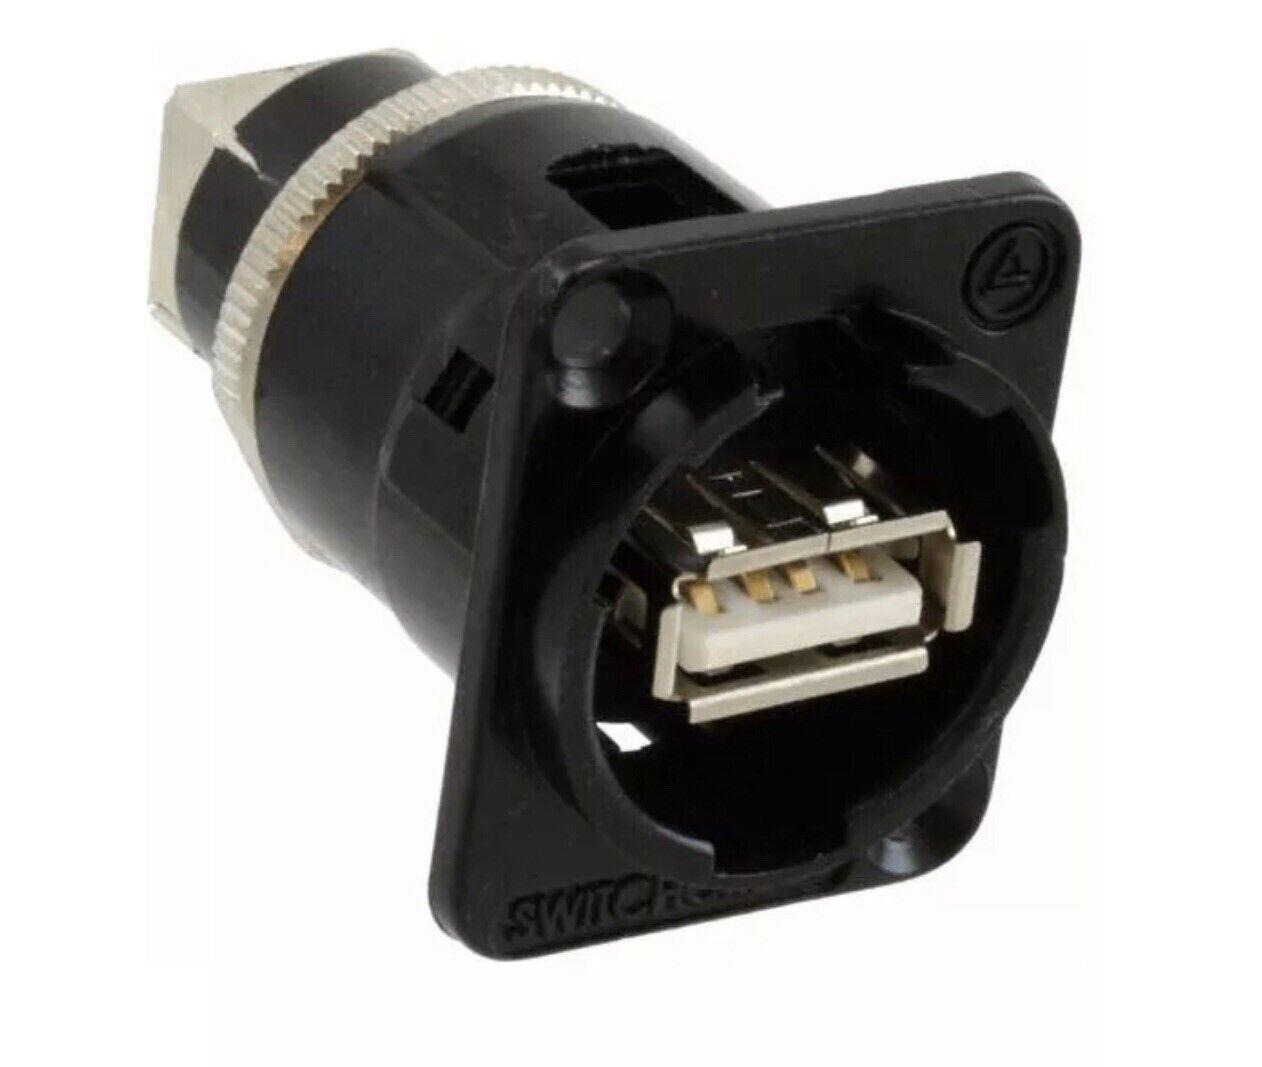 Pack of 2 EHUSBABBXPKG - USB Connectors USB A TO B BLACK,